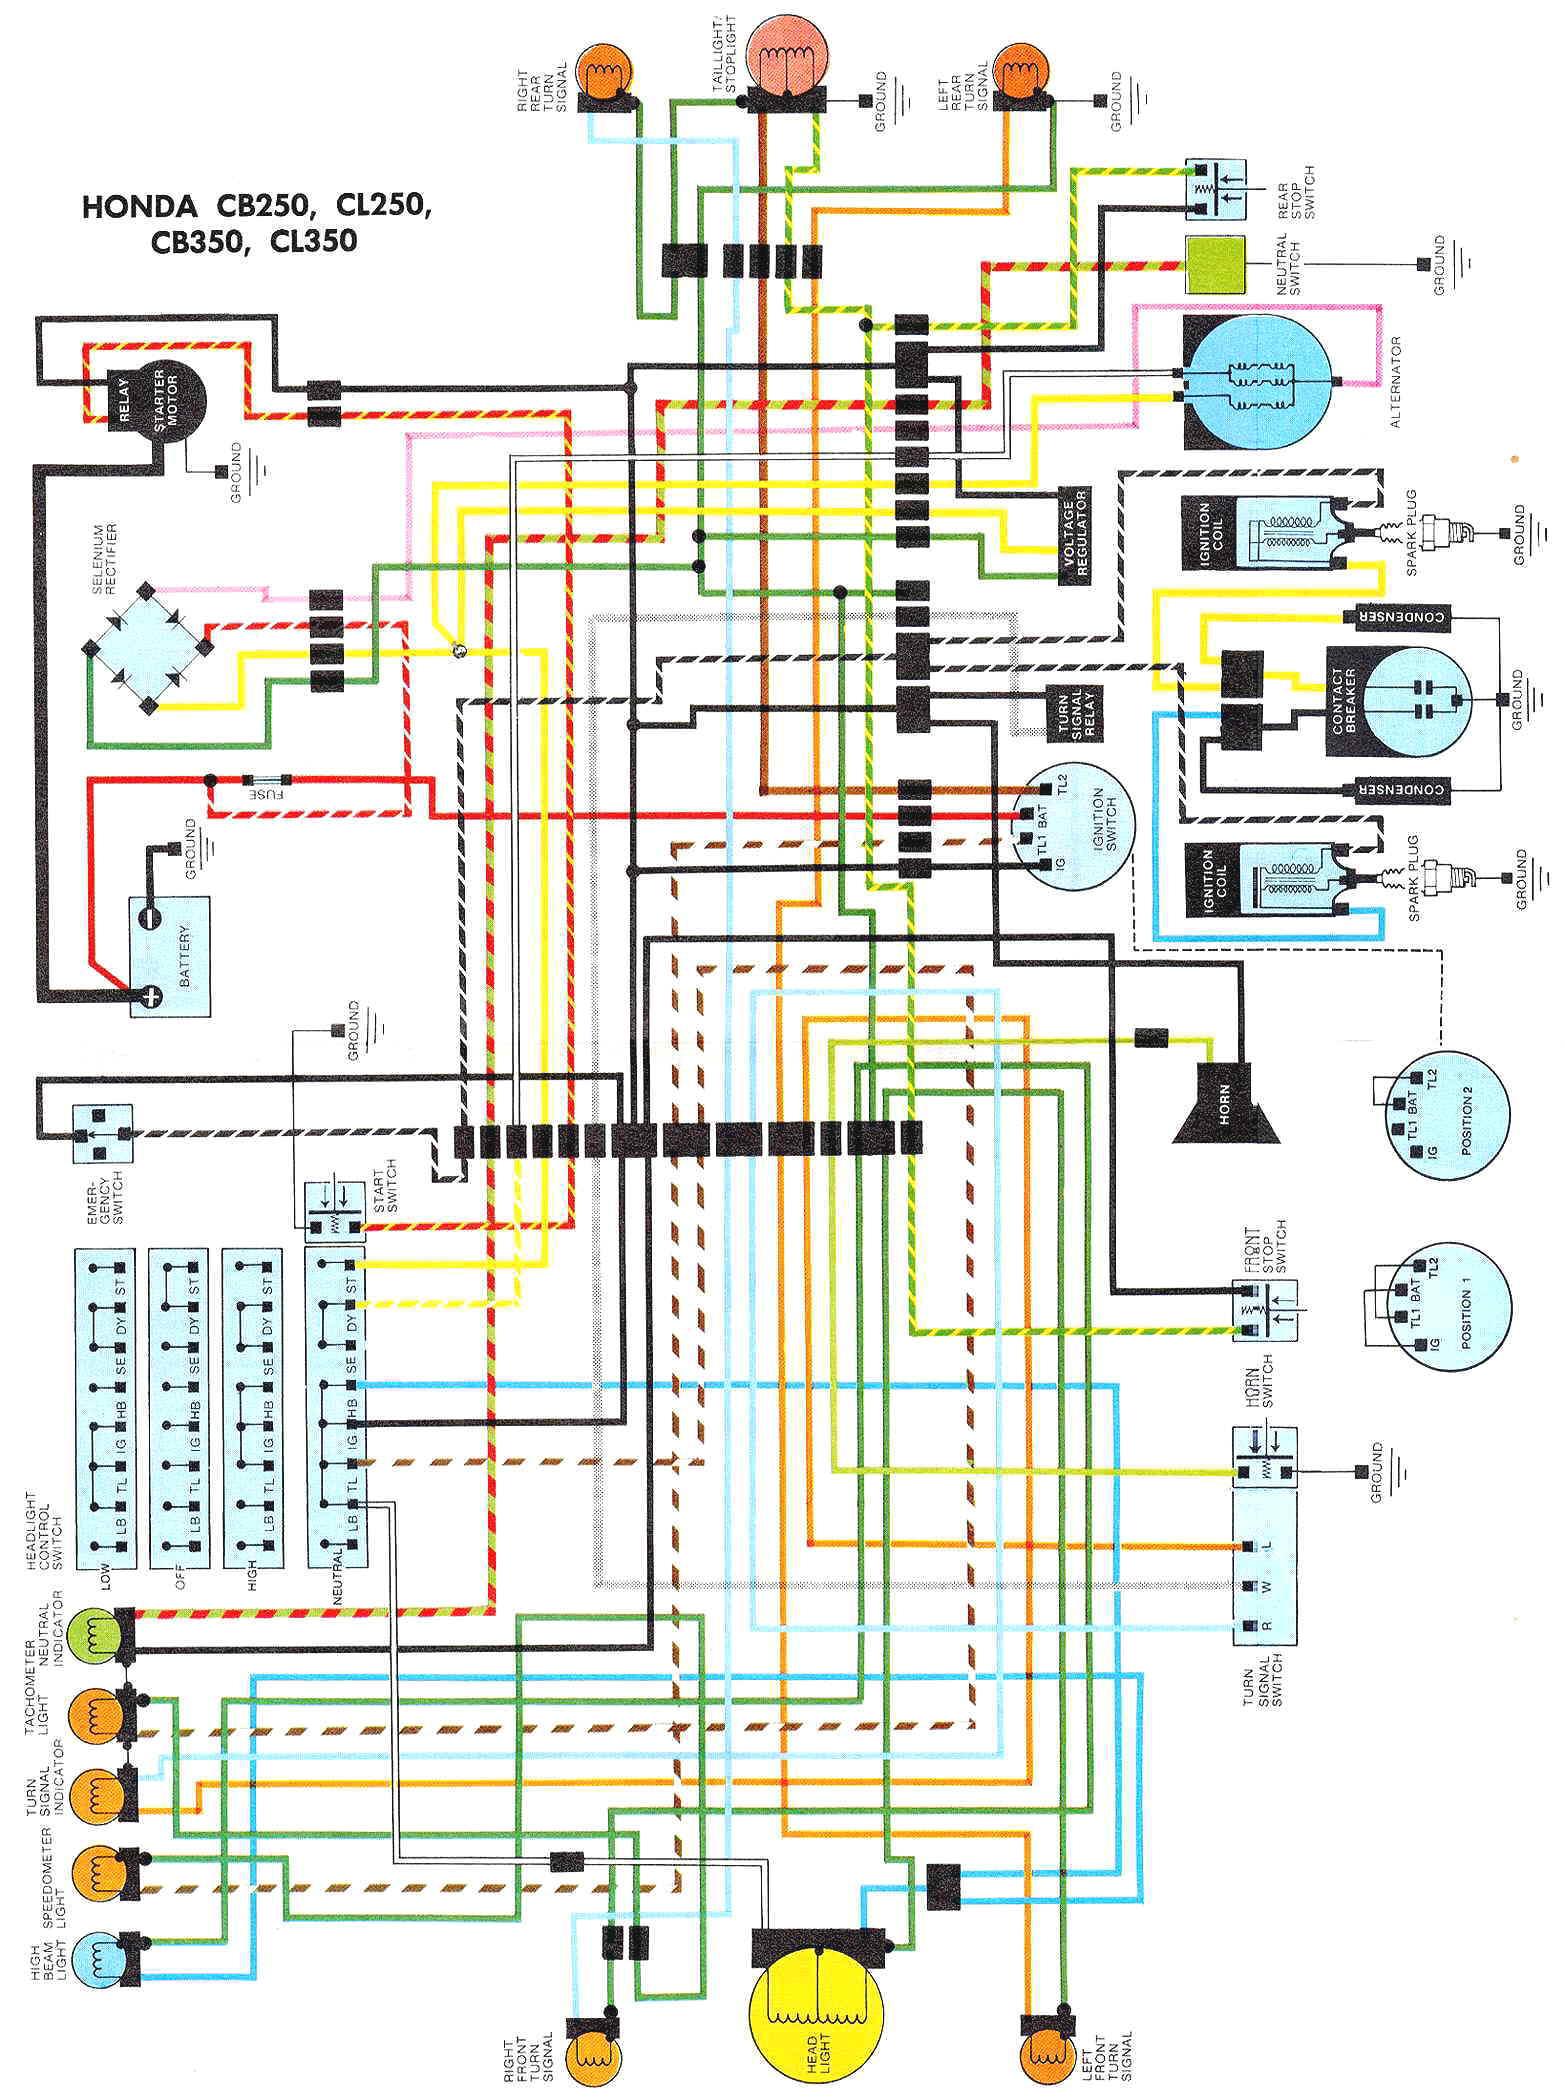 1968 Honda Cb Wiring Diagram -08 Bmw Fuse Box   Begeboy Wiring Diagram  SourceBegeboy Wiring Diagram Source